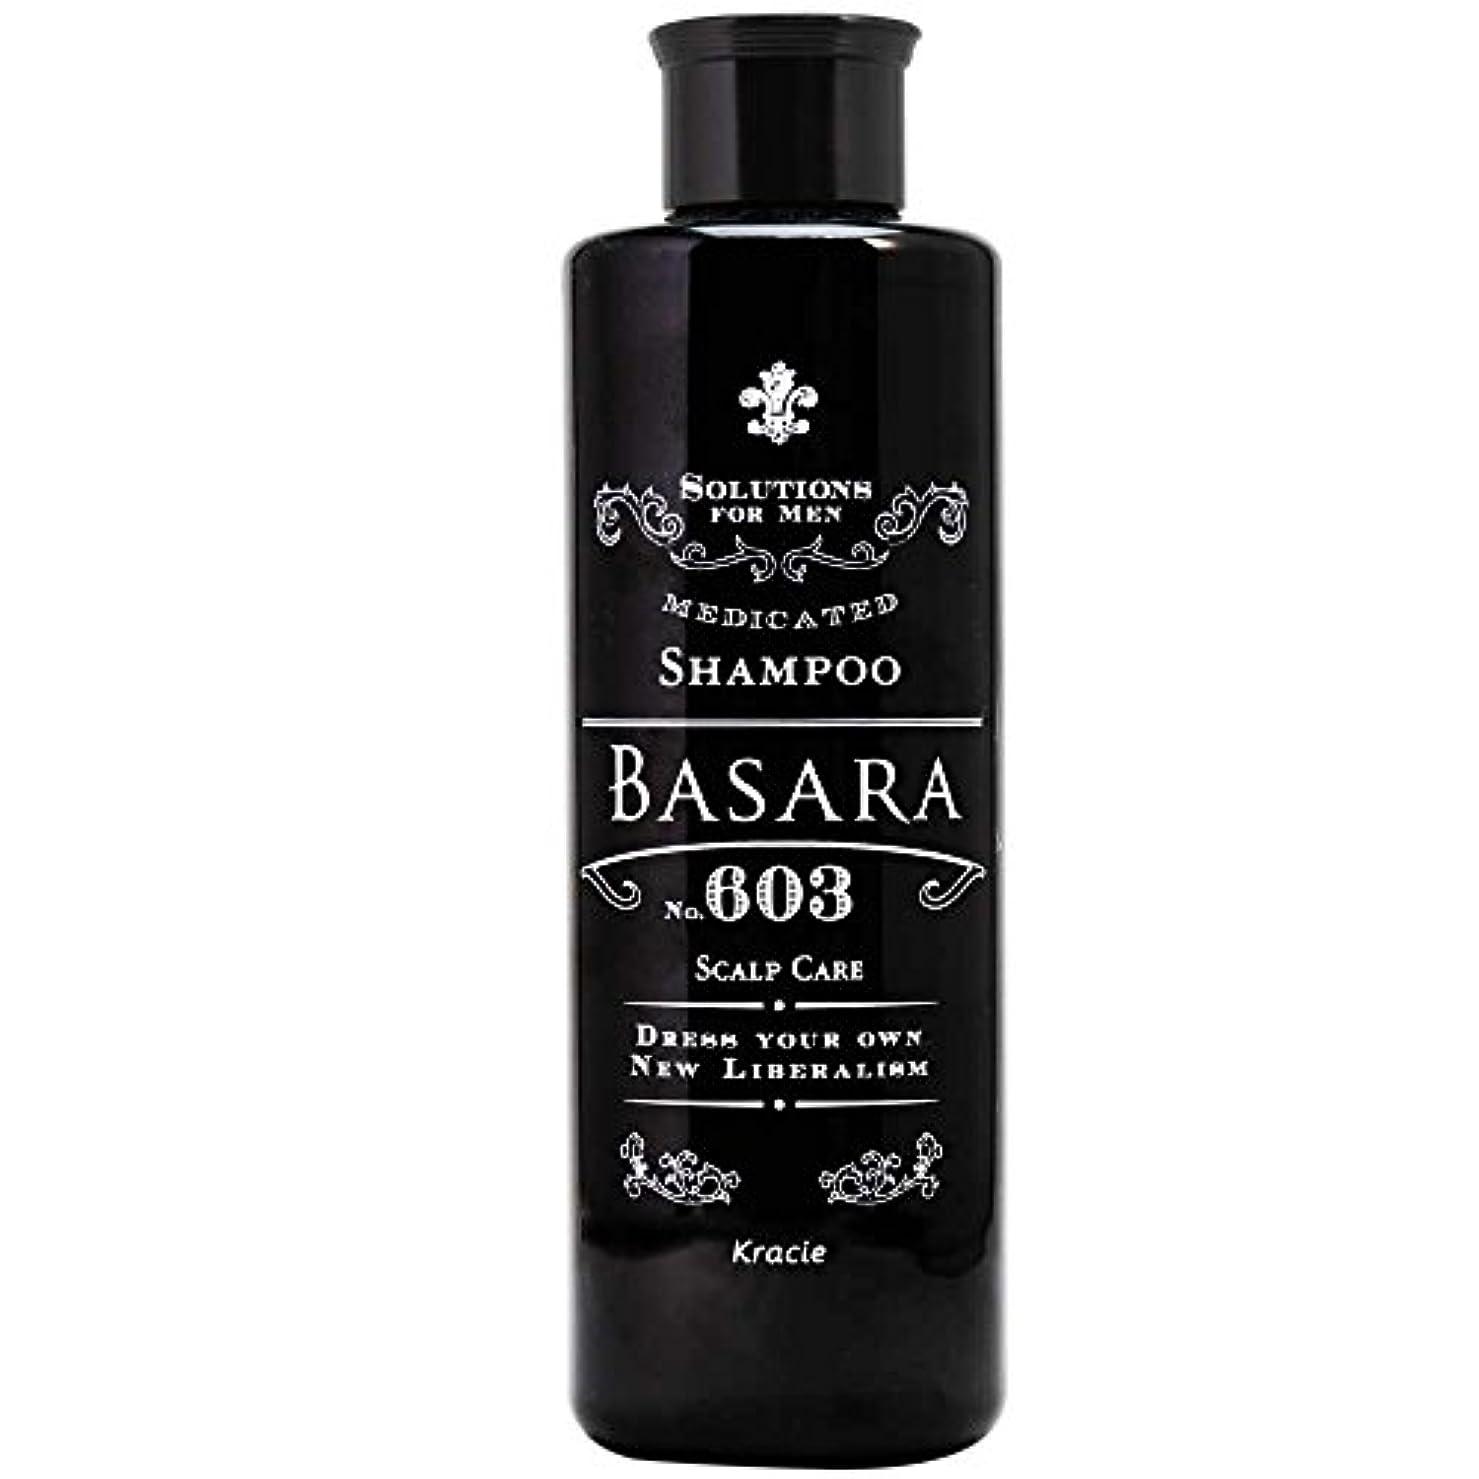 名義でグリーンランド感度クラシエ バサラ 603 薬用スカルプシャンプー 250ml